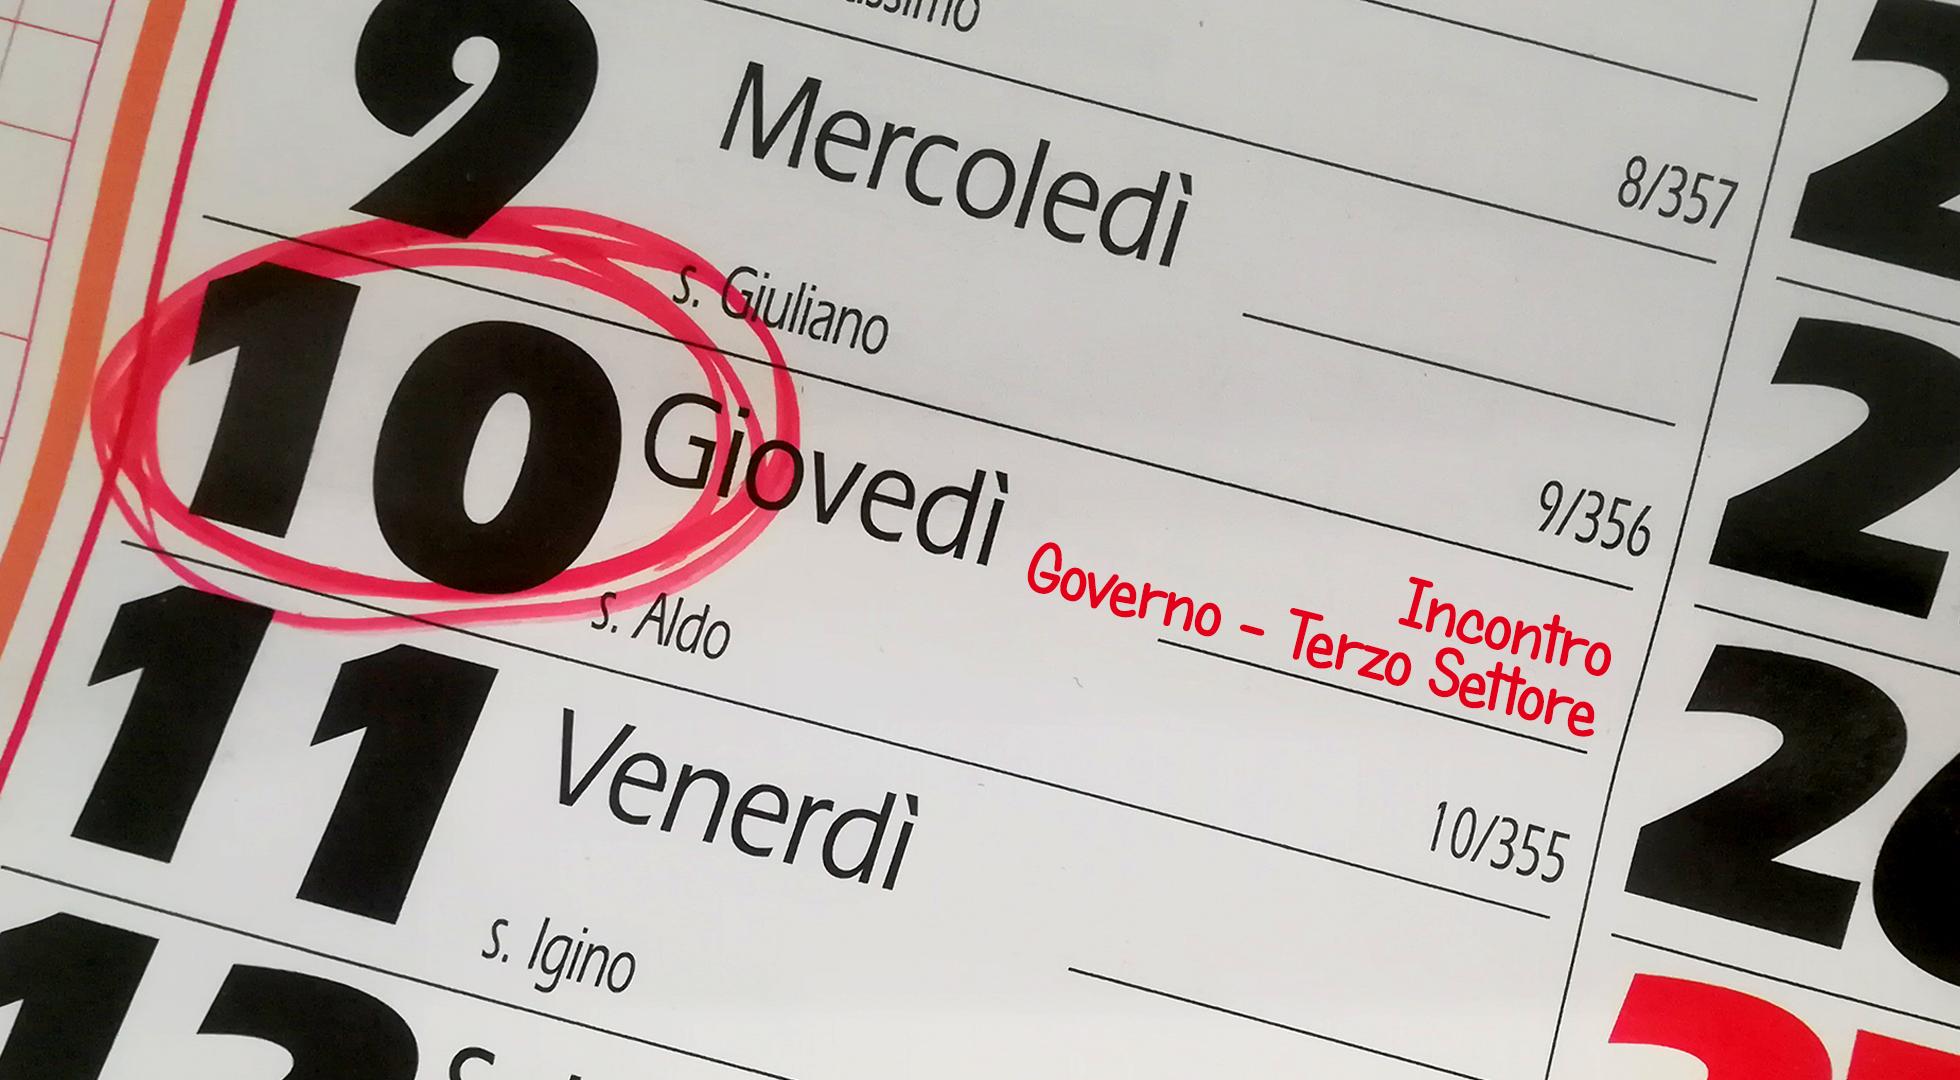 """Calendario con la data del 10 cerchiata e la scritta """"incontro Governo - Terzo Settore"""""""